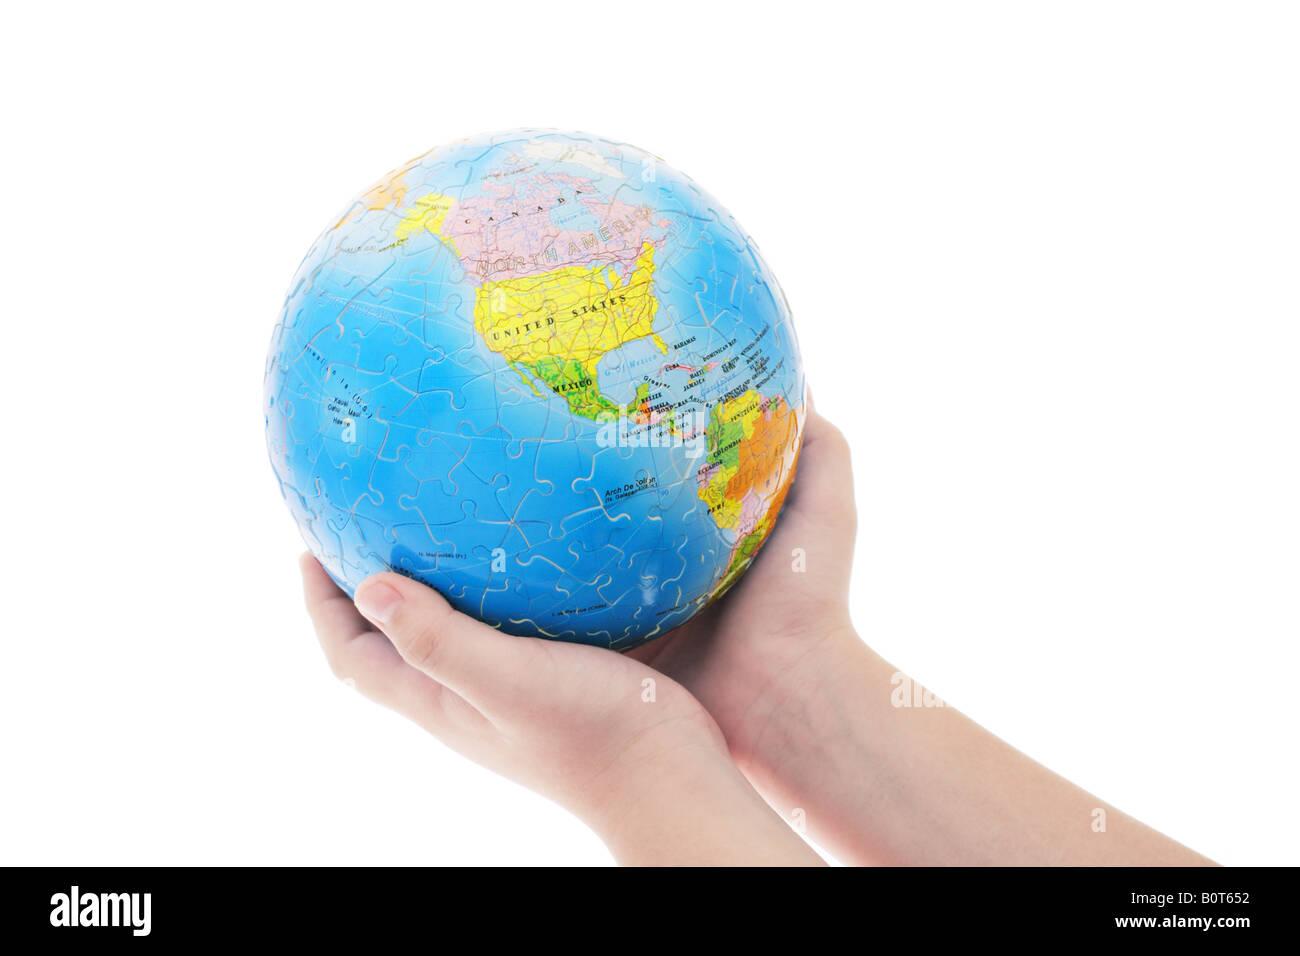 Jeune garçon s hand holding globe puzzle terminé sur fond blanc Photo Stock